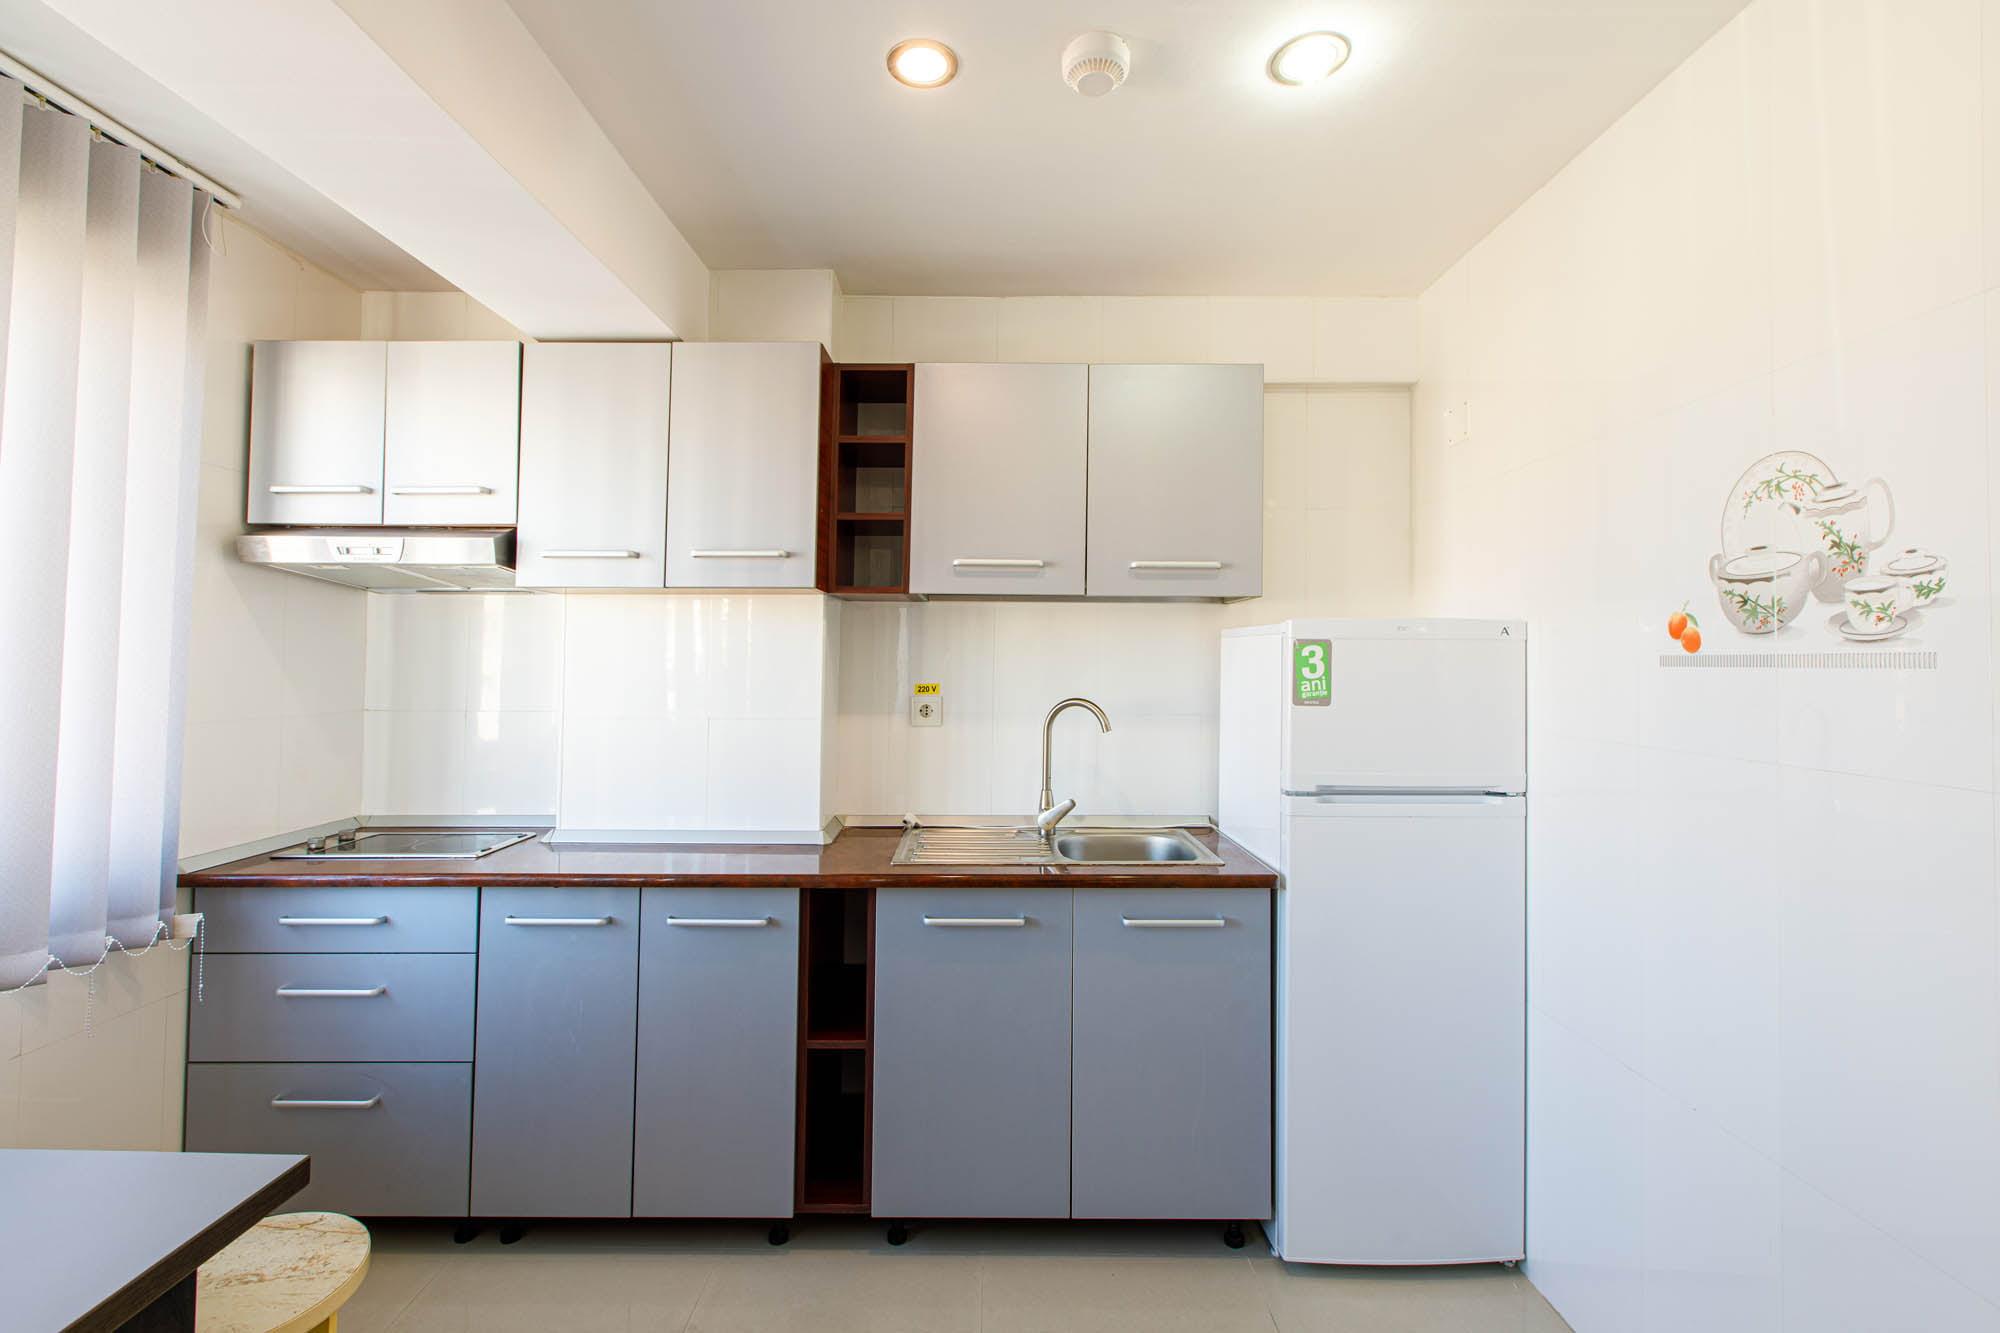 apartament (7)